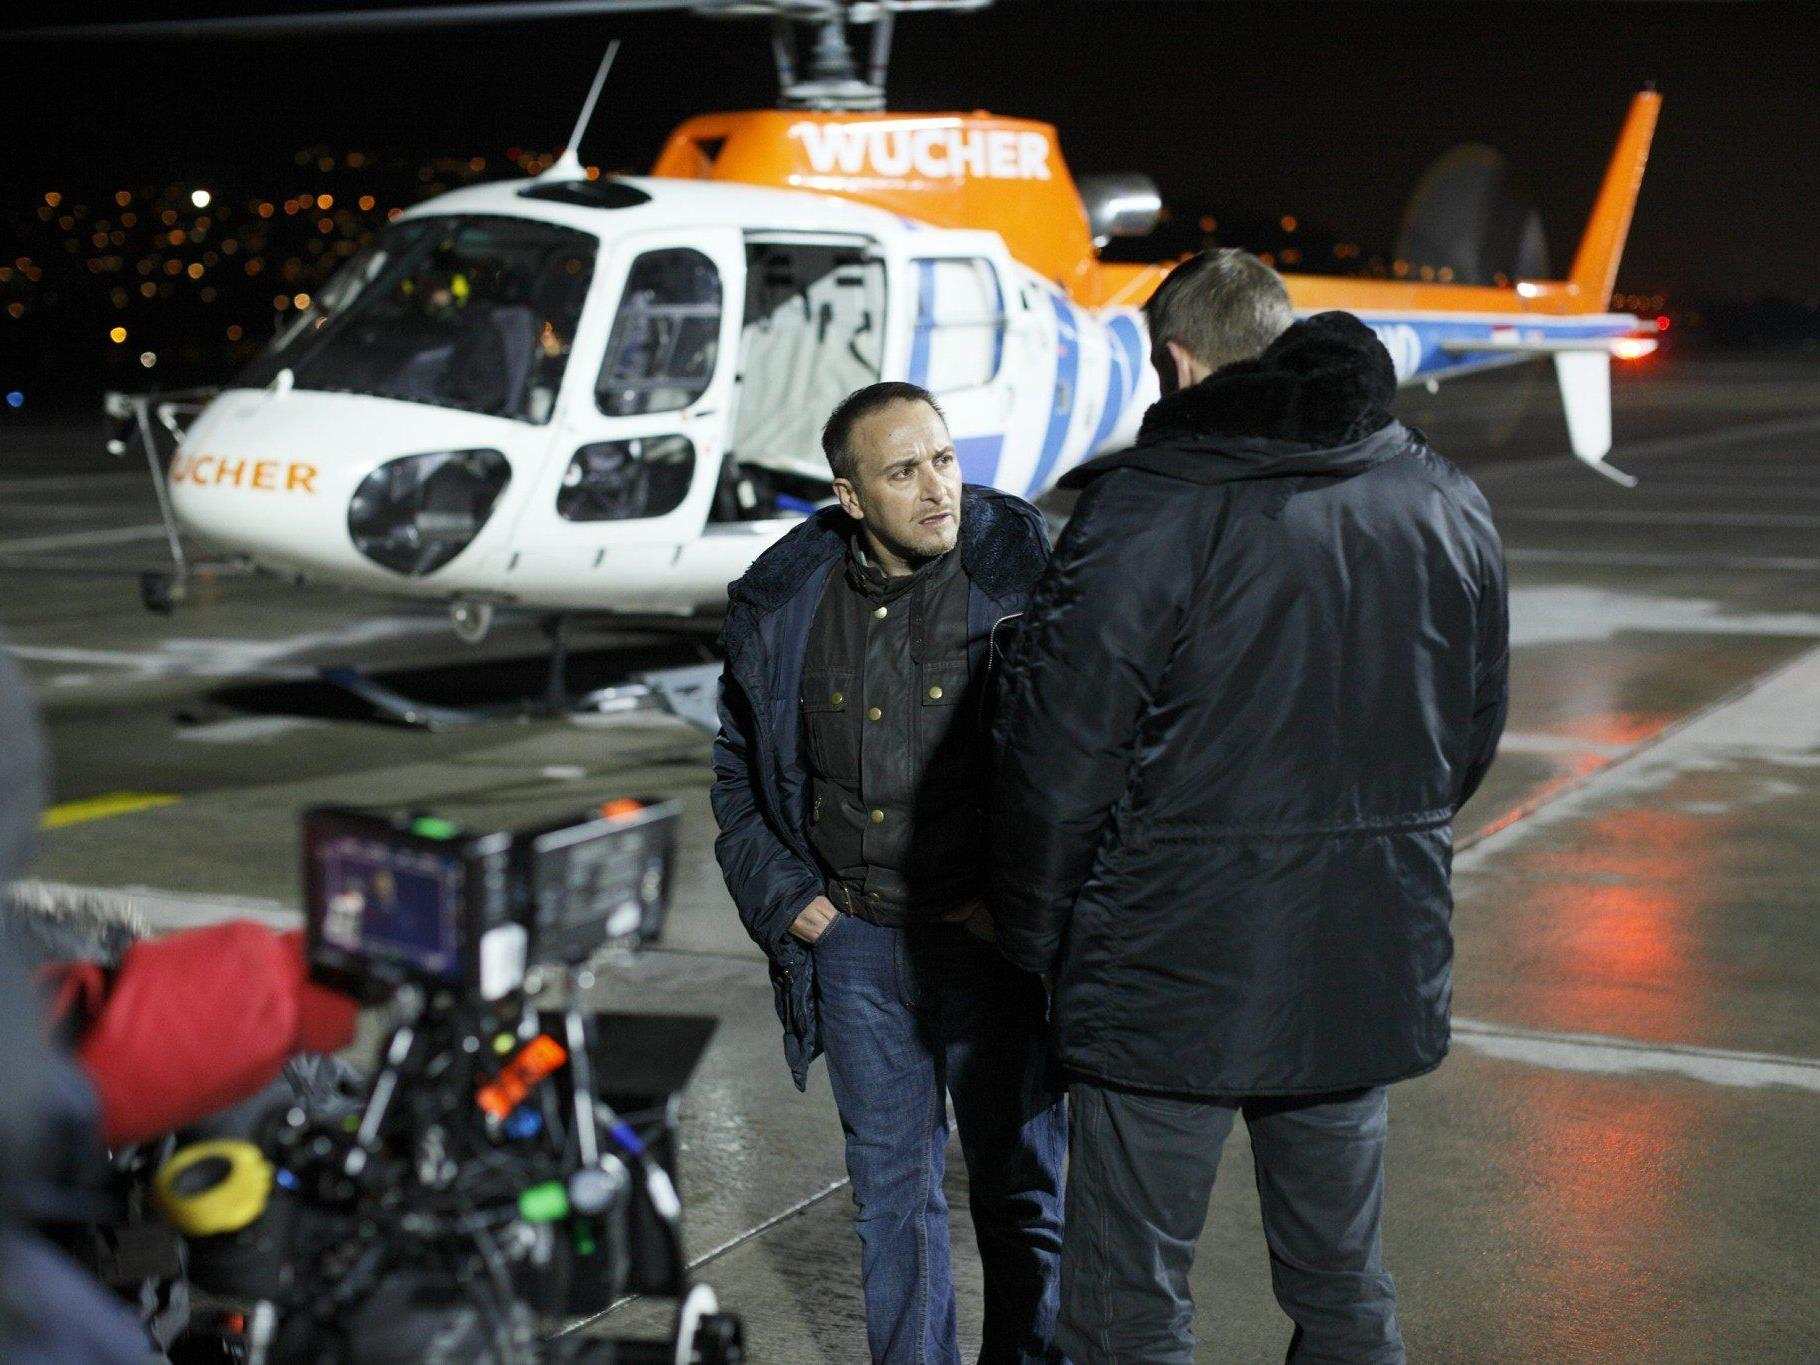 """Für die Serie """"Alarm für Cobra 11"""" sind gleich drei Helikopter von Wucher im Einsatz."""